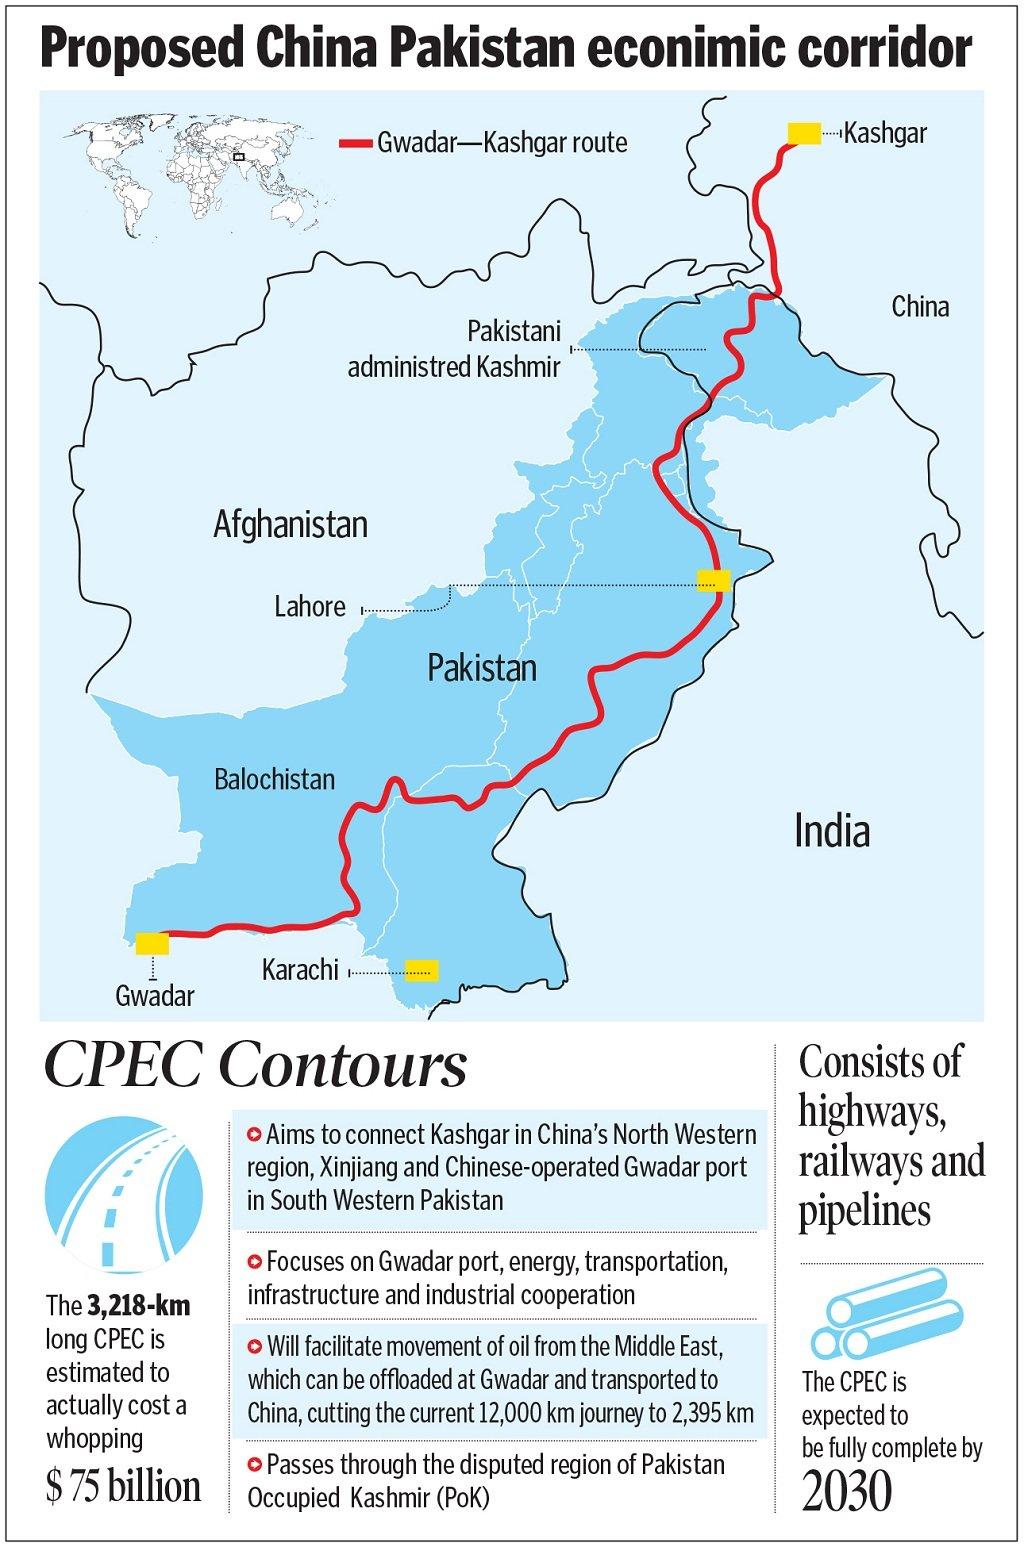 Corridor of Concern